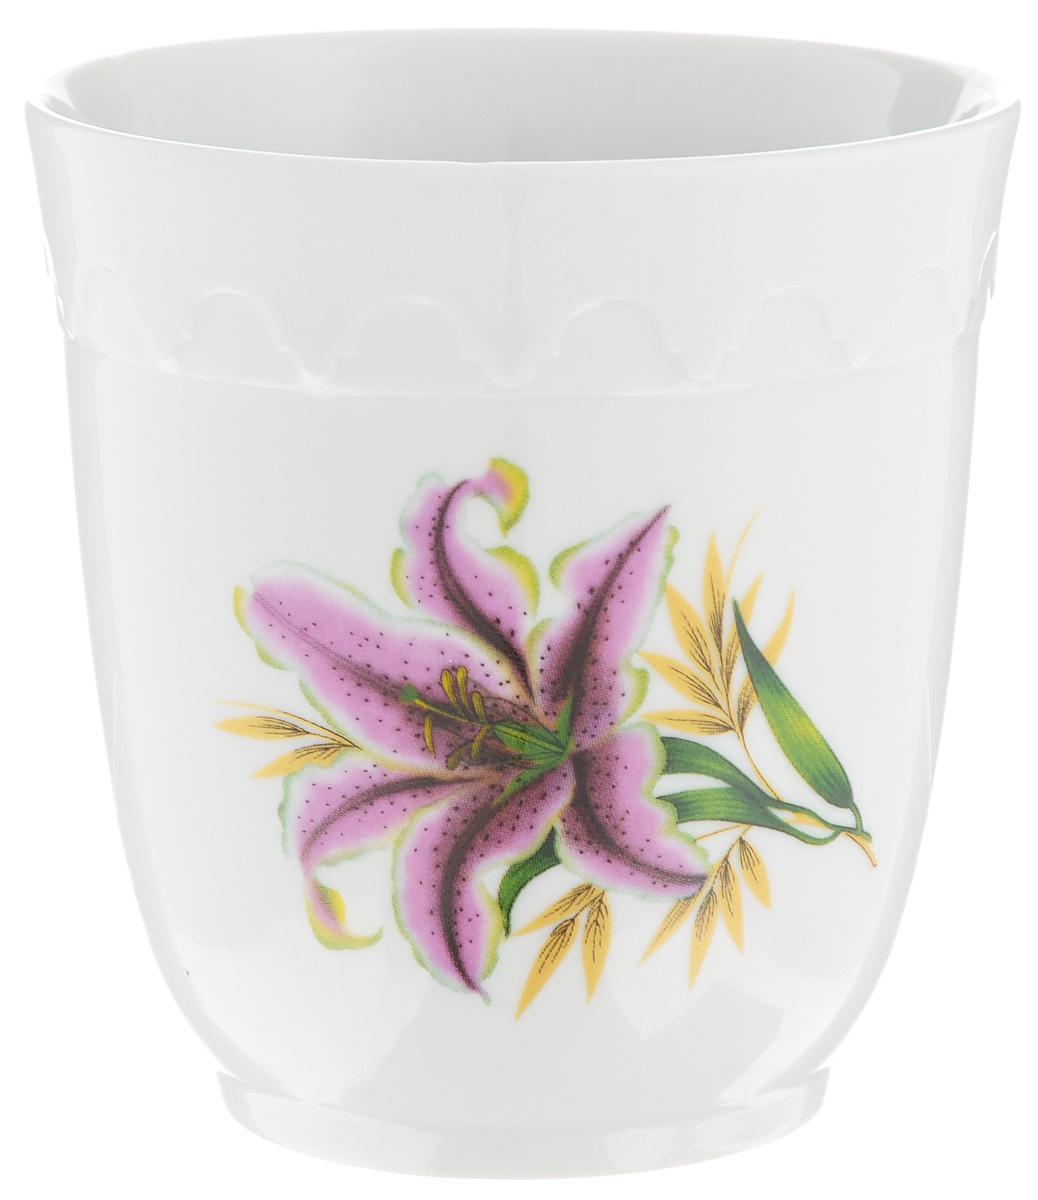 Кружка Фарфор Вербилок Арабеска. Розовая лилия, без ручки, 250 мл115610Кружка Фарфор Вербилок Арабеска. Розовая лилия способна скрасить любое чаепитие. Изделие выполнено из высококачественного фарфора. Посуда из такого материала позволяет сохранить истинный вкус напитка, а также помогает ему дольше оставаться теплым.Диаметр по верхнему краю: 8 см.Высота кружки: 8,5 см.